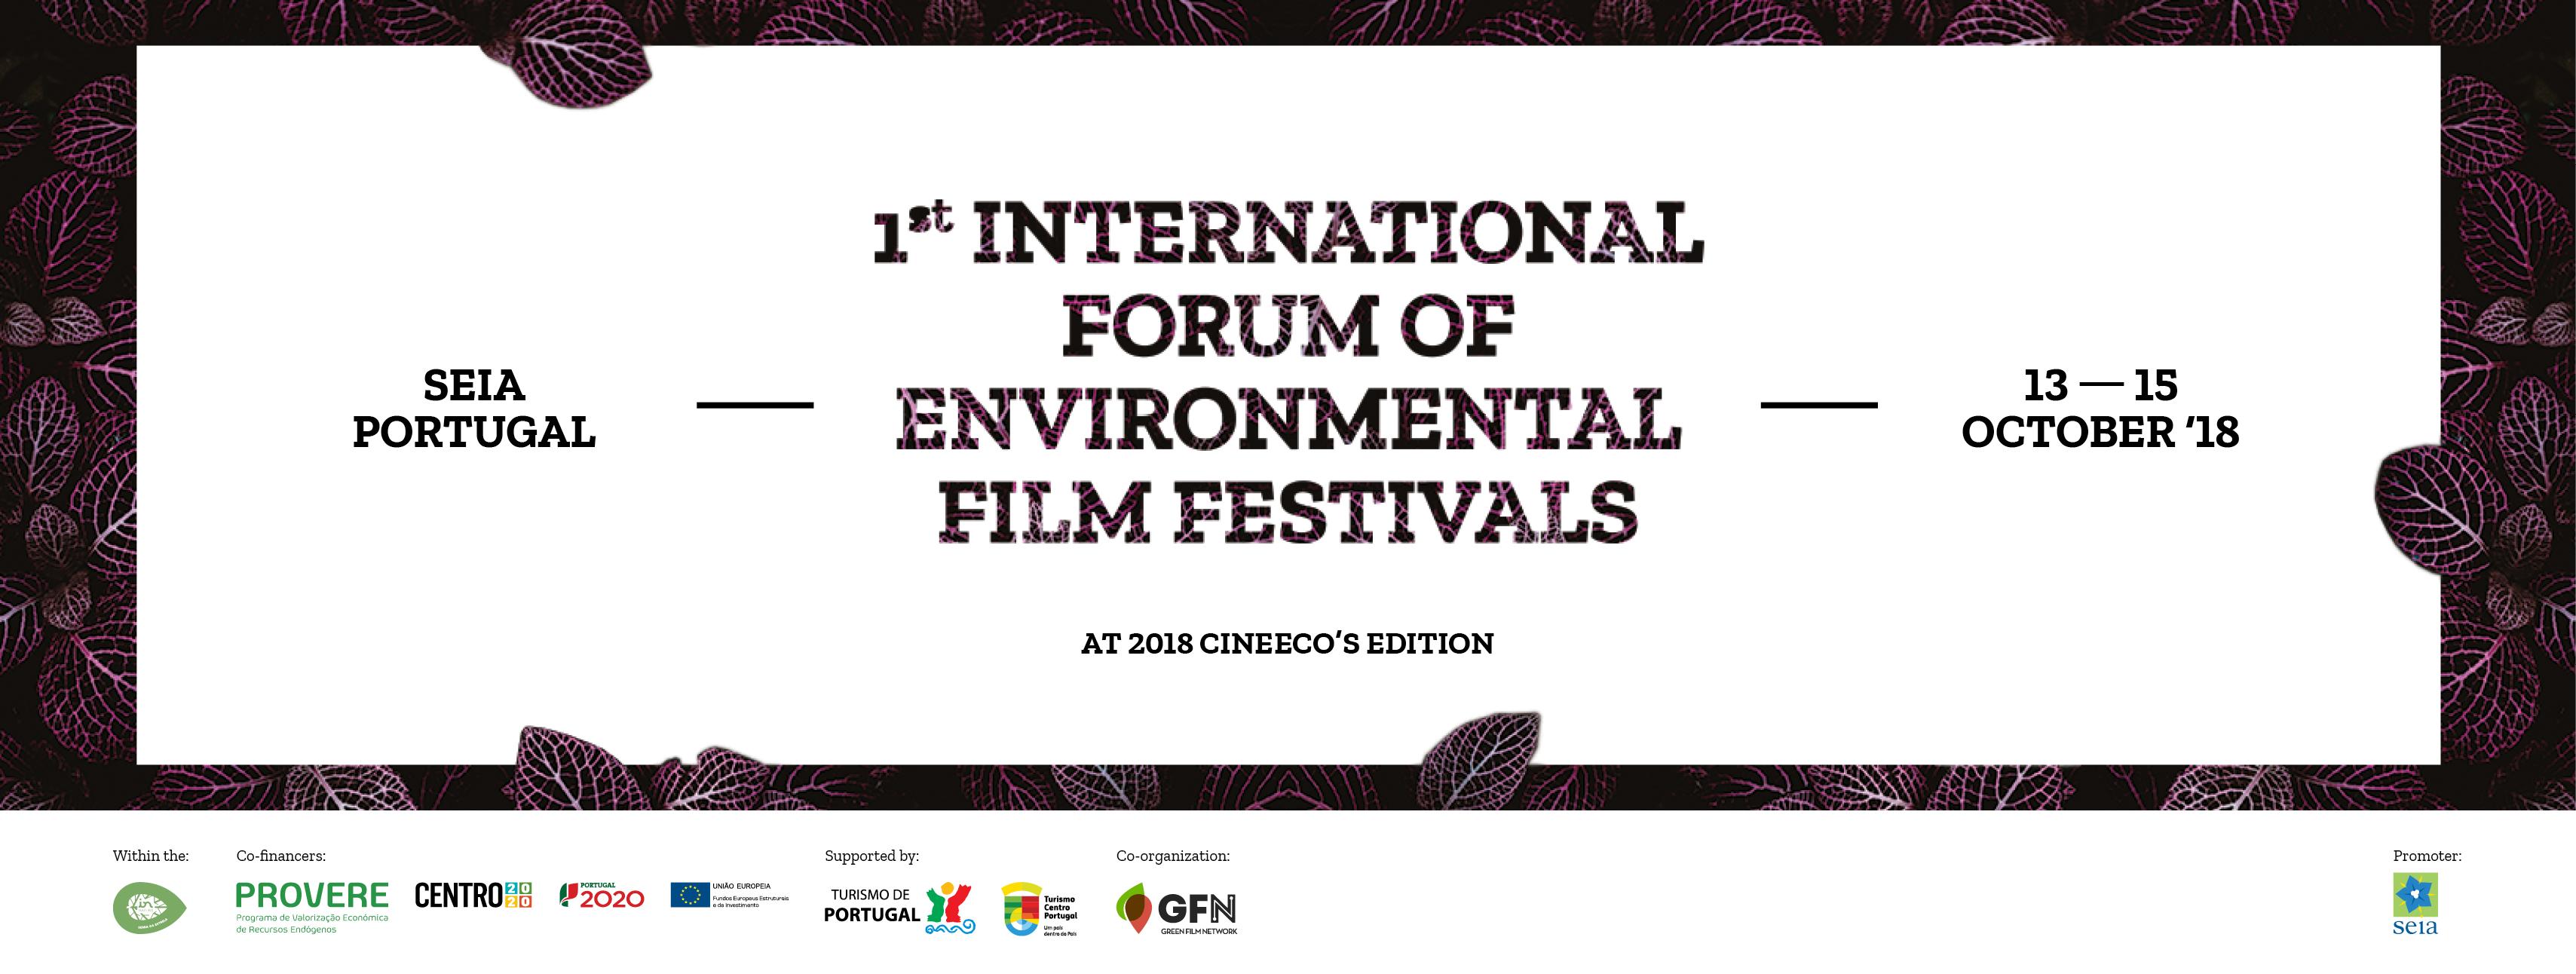 Pelicam Film Festival participates in the 1st International Forum of Environmental Film Festivals in Portugal